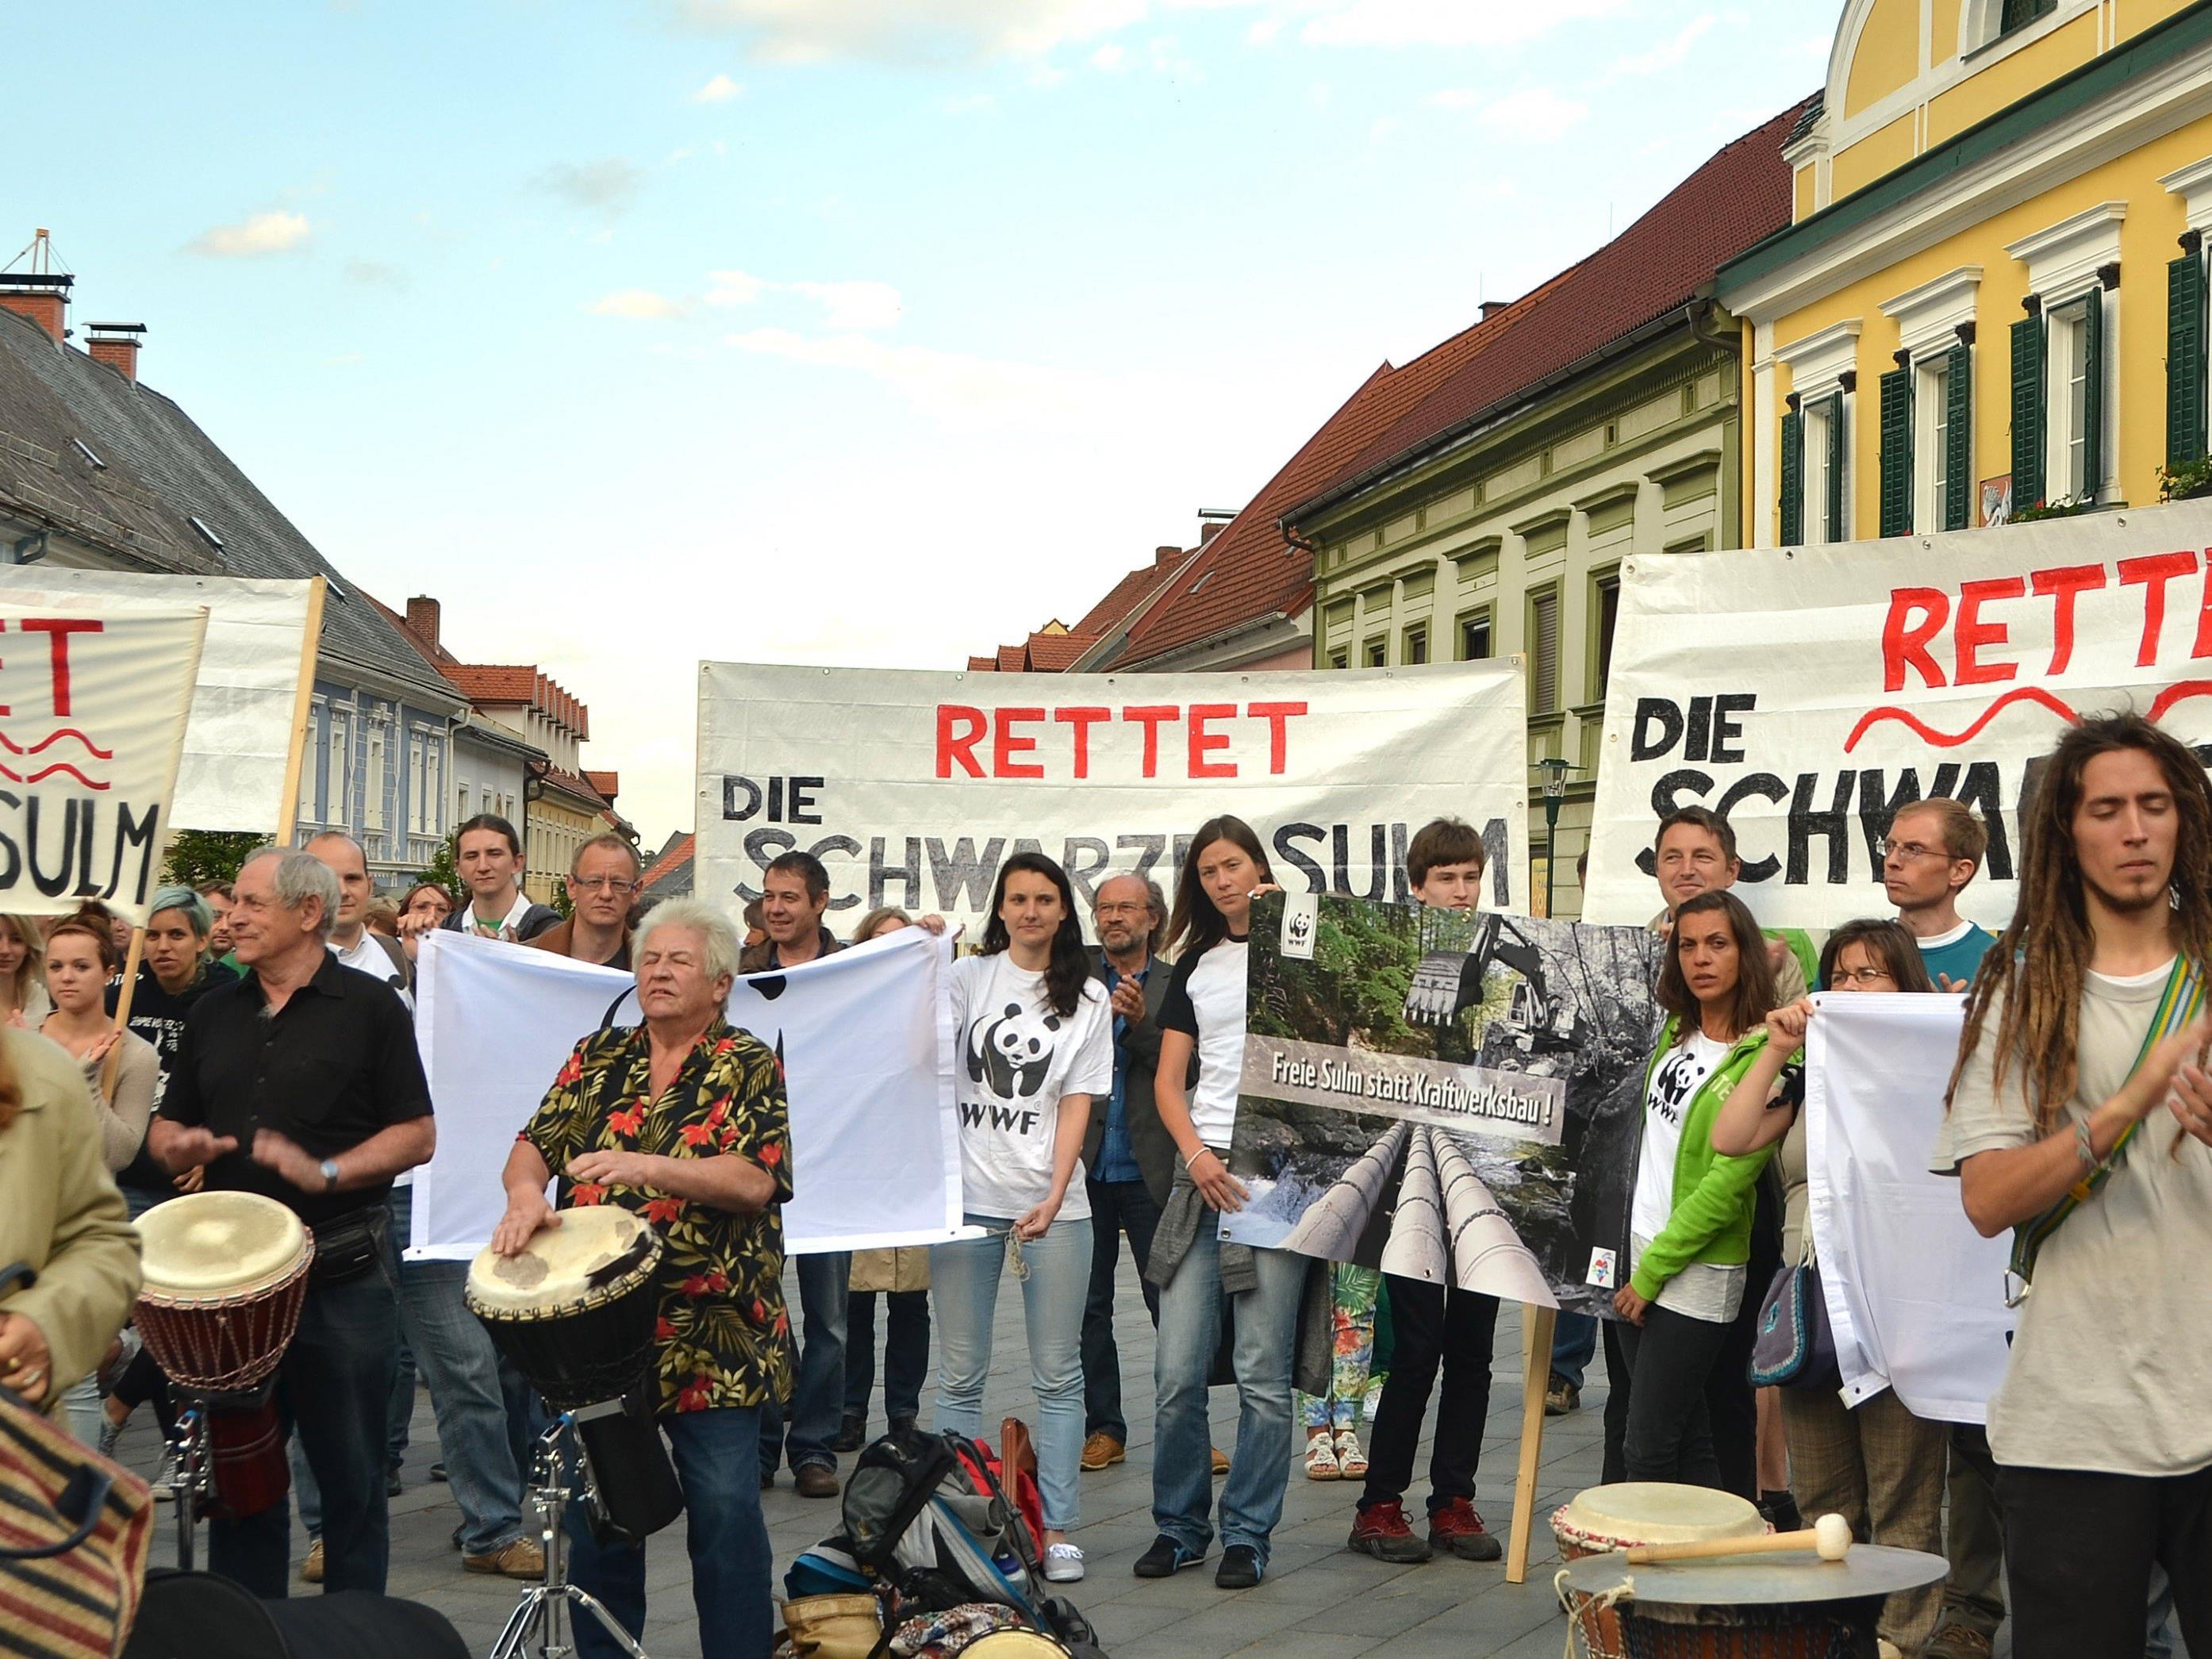 Sieg für Schwarze-Sulm-Befürworter - im Bild: Kraftwerksgegner bei einer Kundgebung gegen das Projekt.